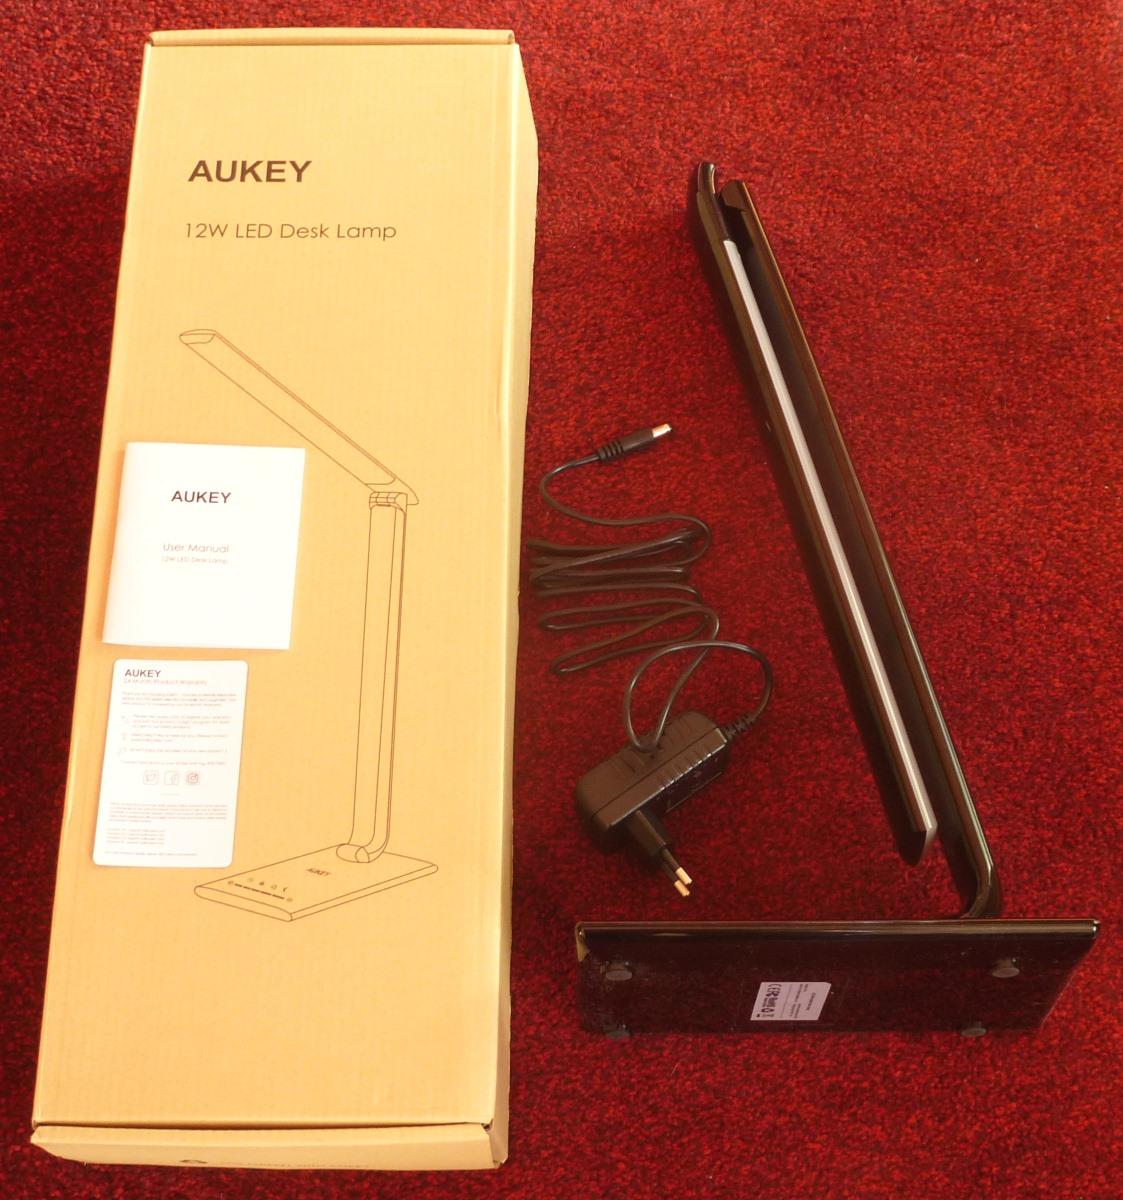 Aukey Schreibtischlampe - Lieferumfang